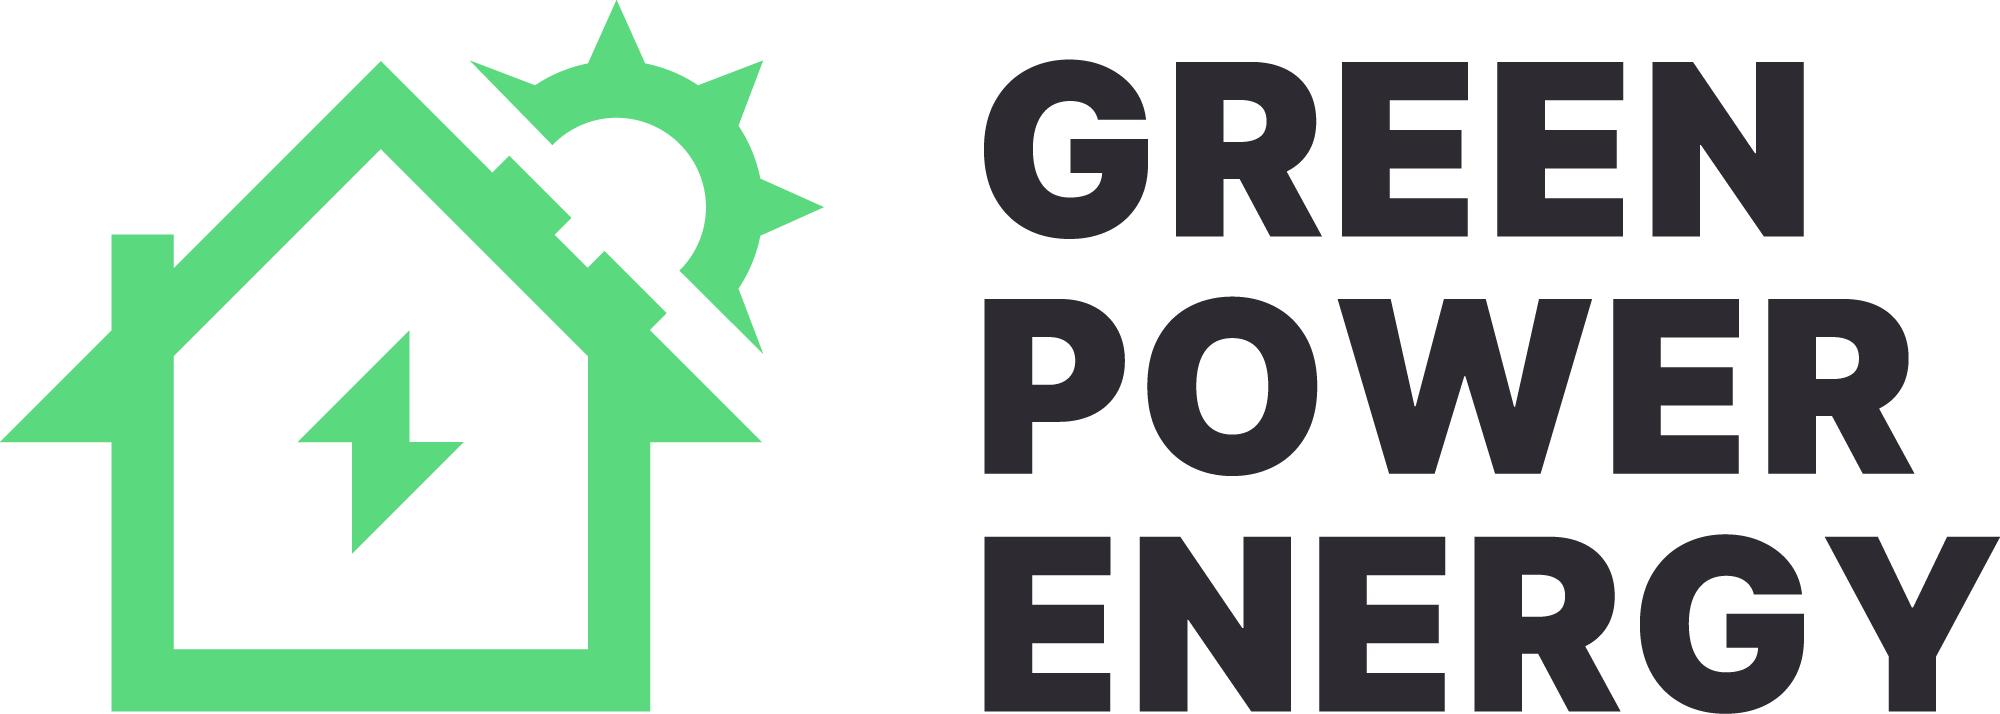 Green Power Energy